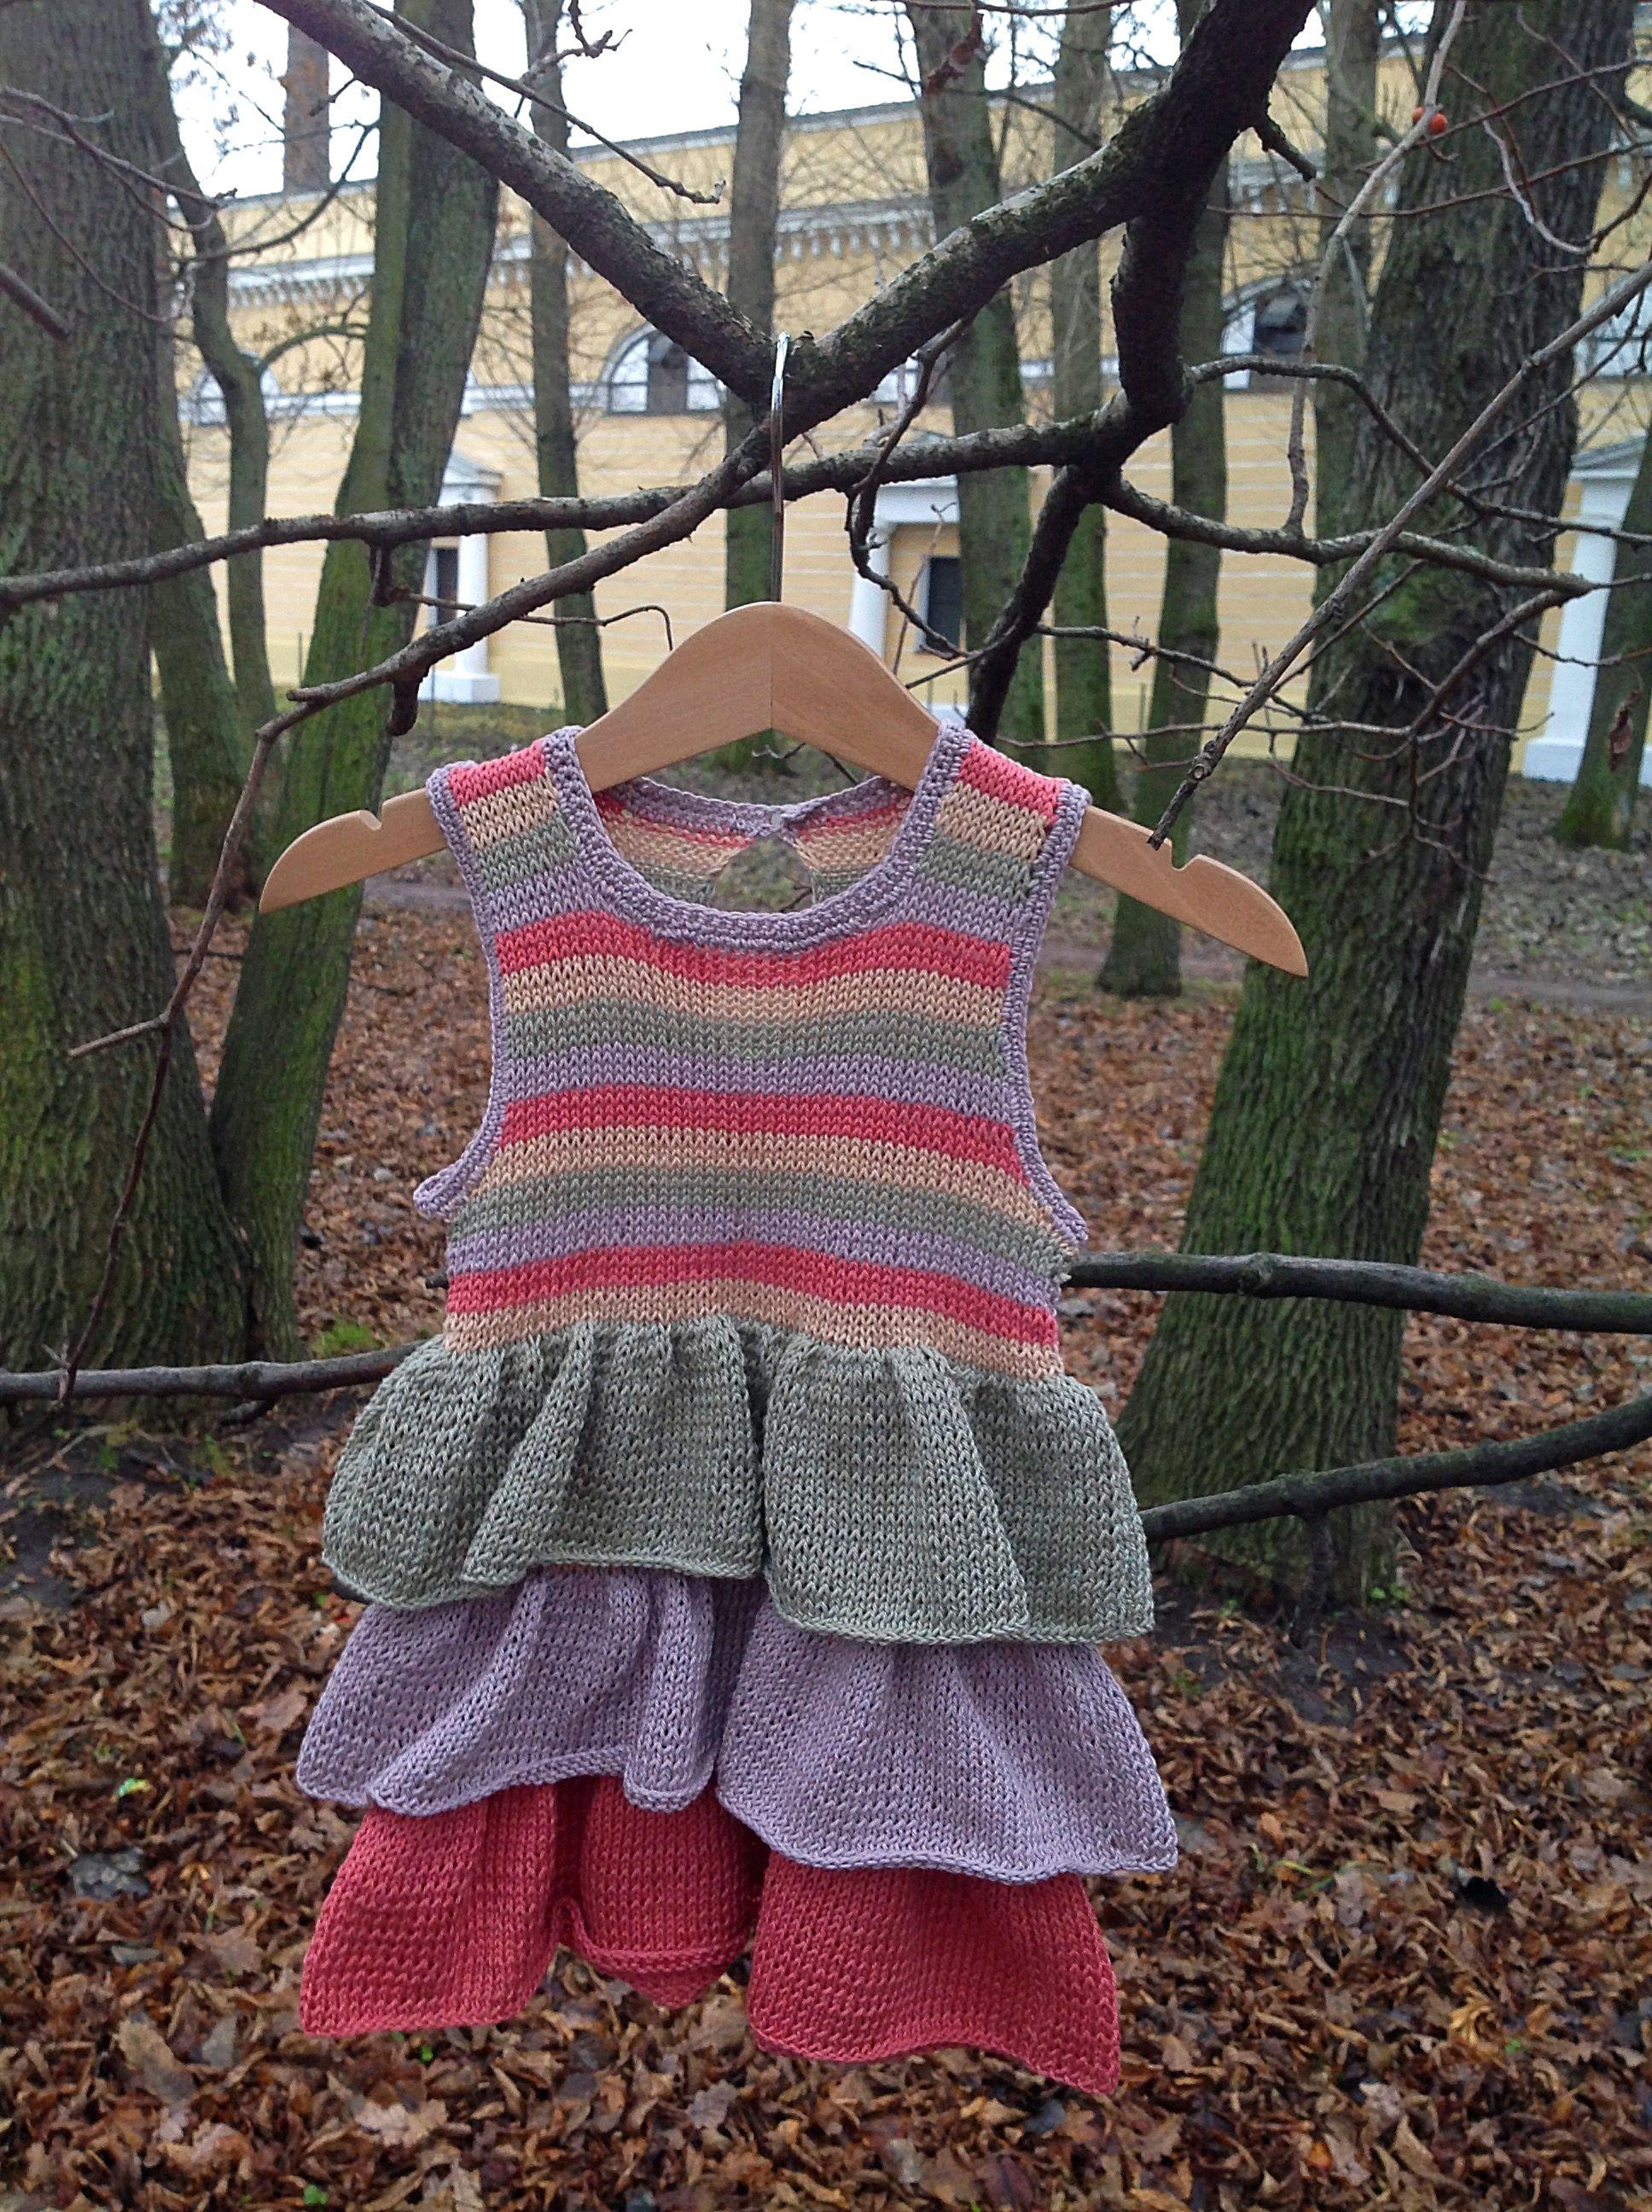 ручнаяработа 2полоски детскаяодежда вязание платье длядевочки